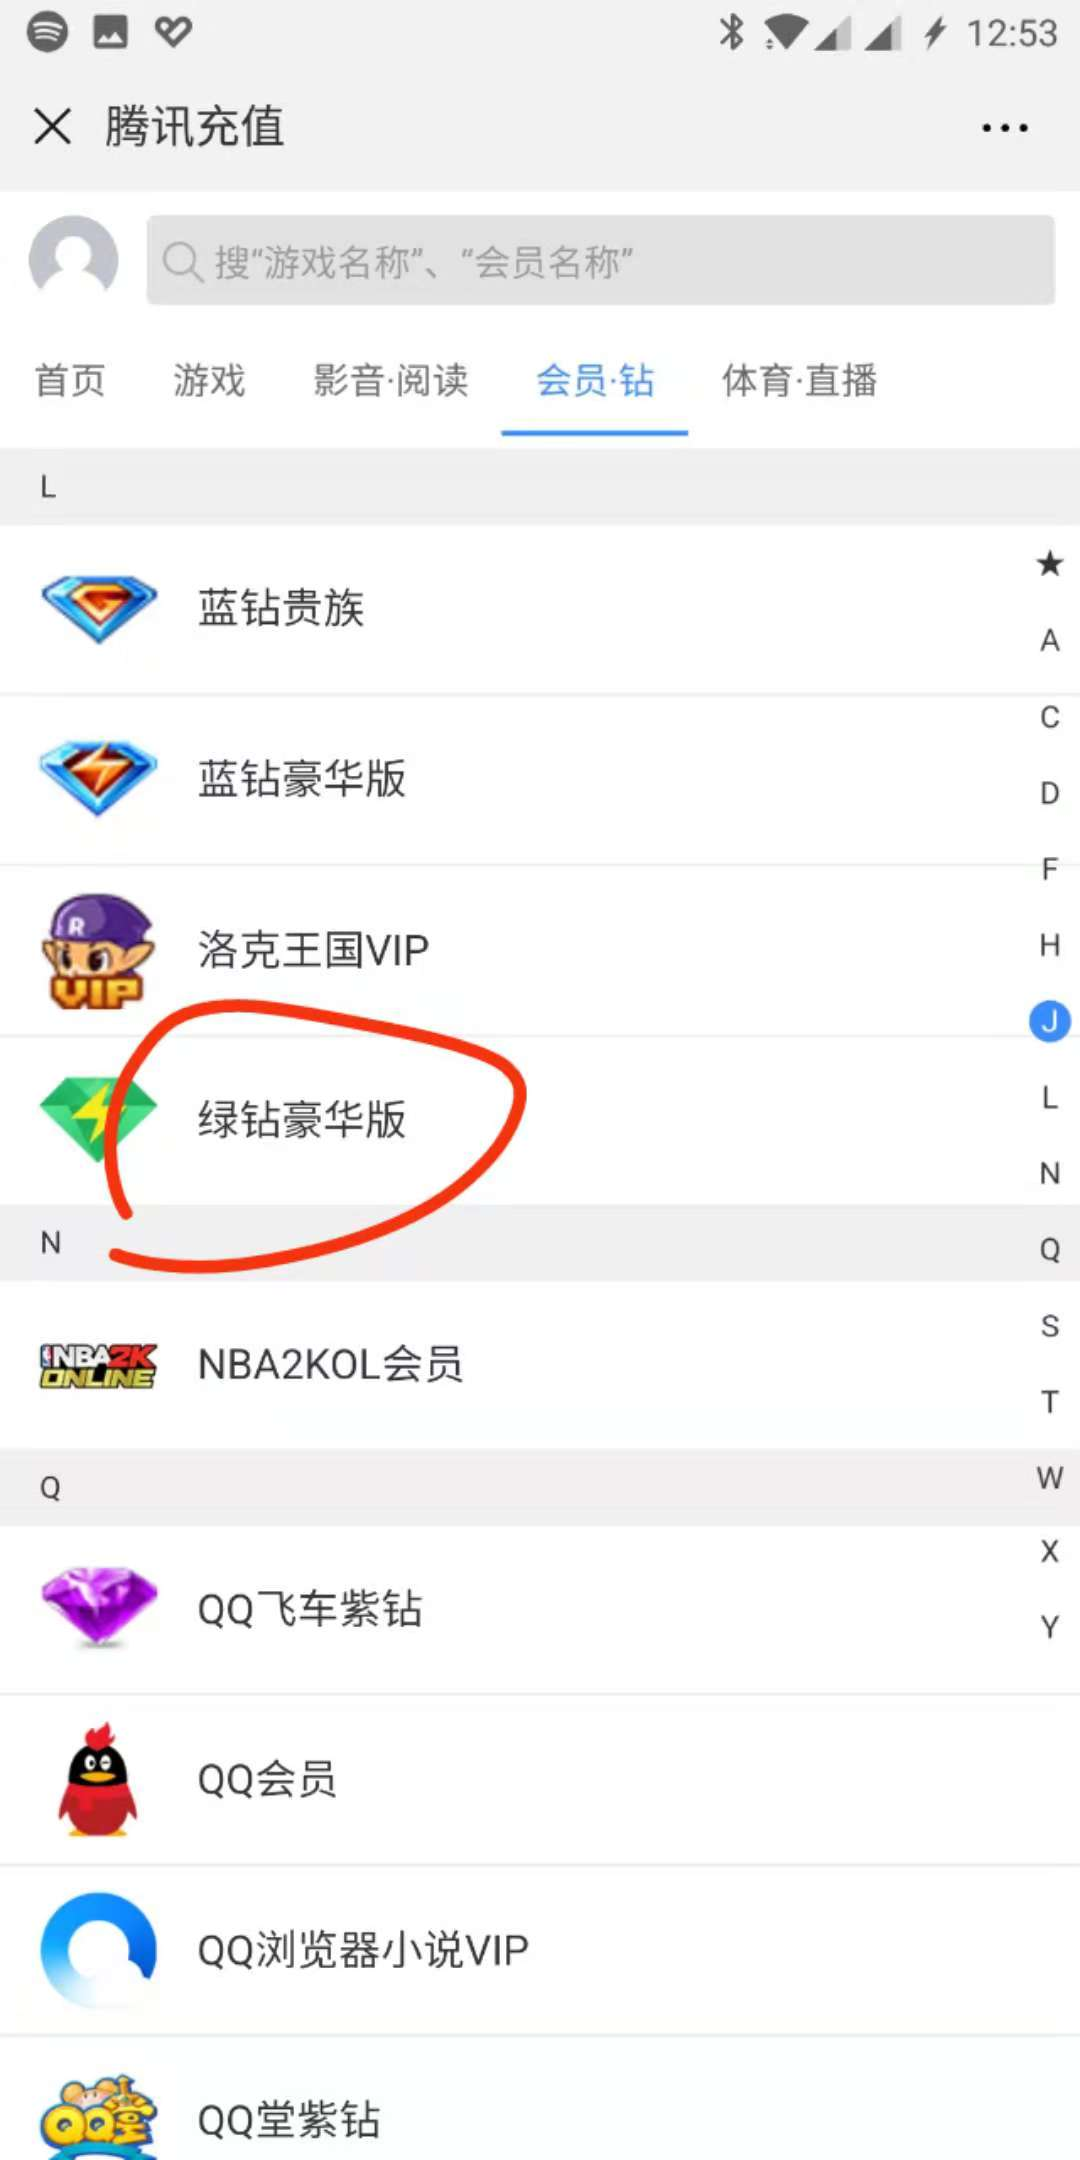 如何绕过IP限制开通QQ音乐会员绿钻